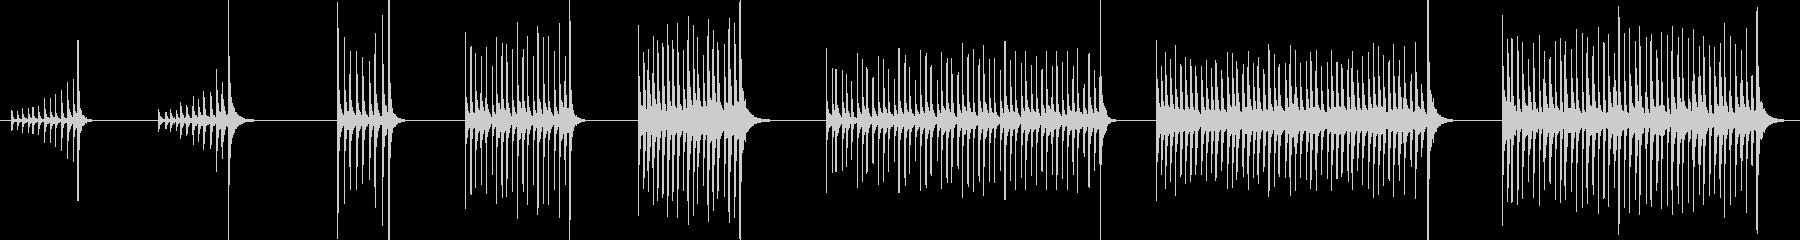 ボンゴ、ドラム、ロール、ランニング...の未再生の波形